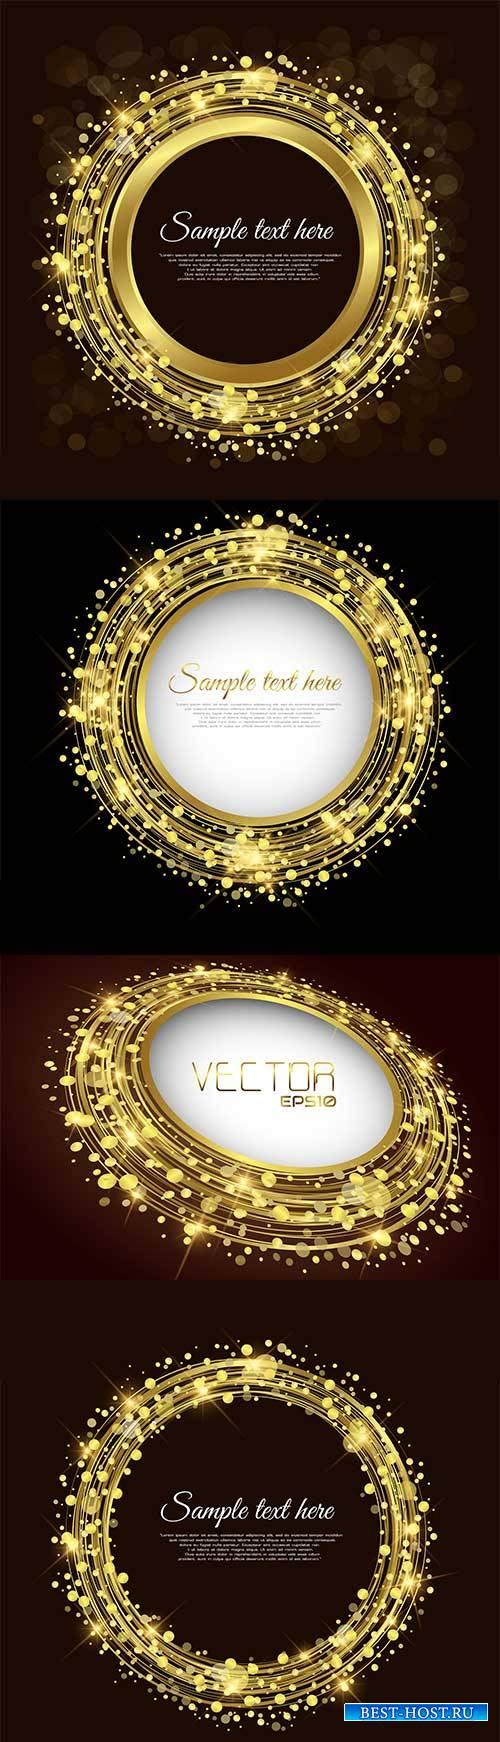 Золотые круглые рамки - Векторный клипарт